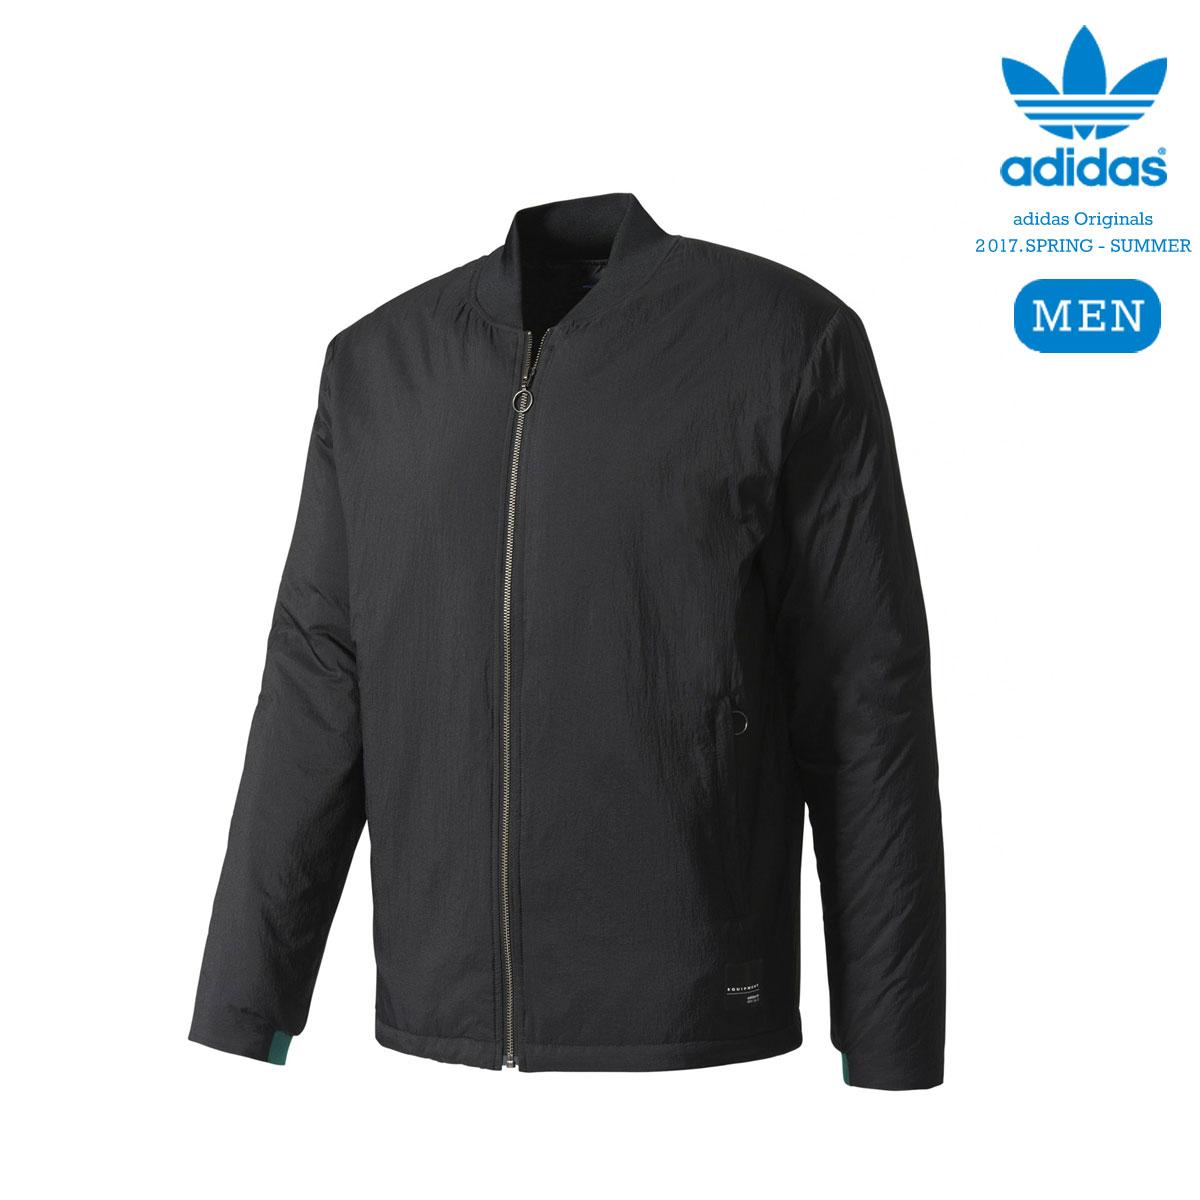 adidas originals eqt jacket